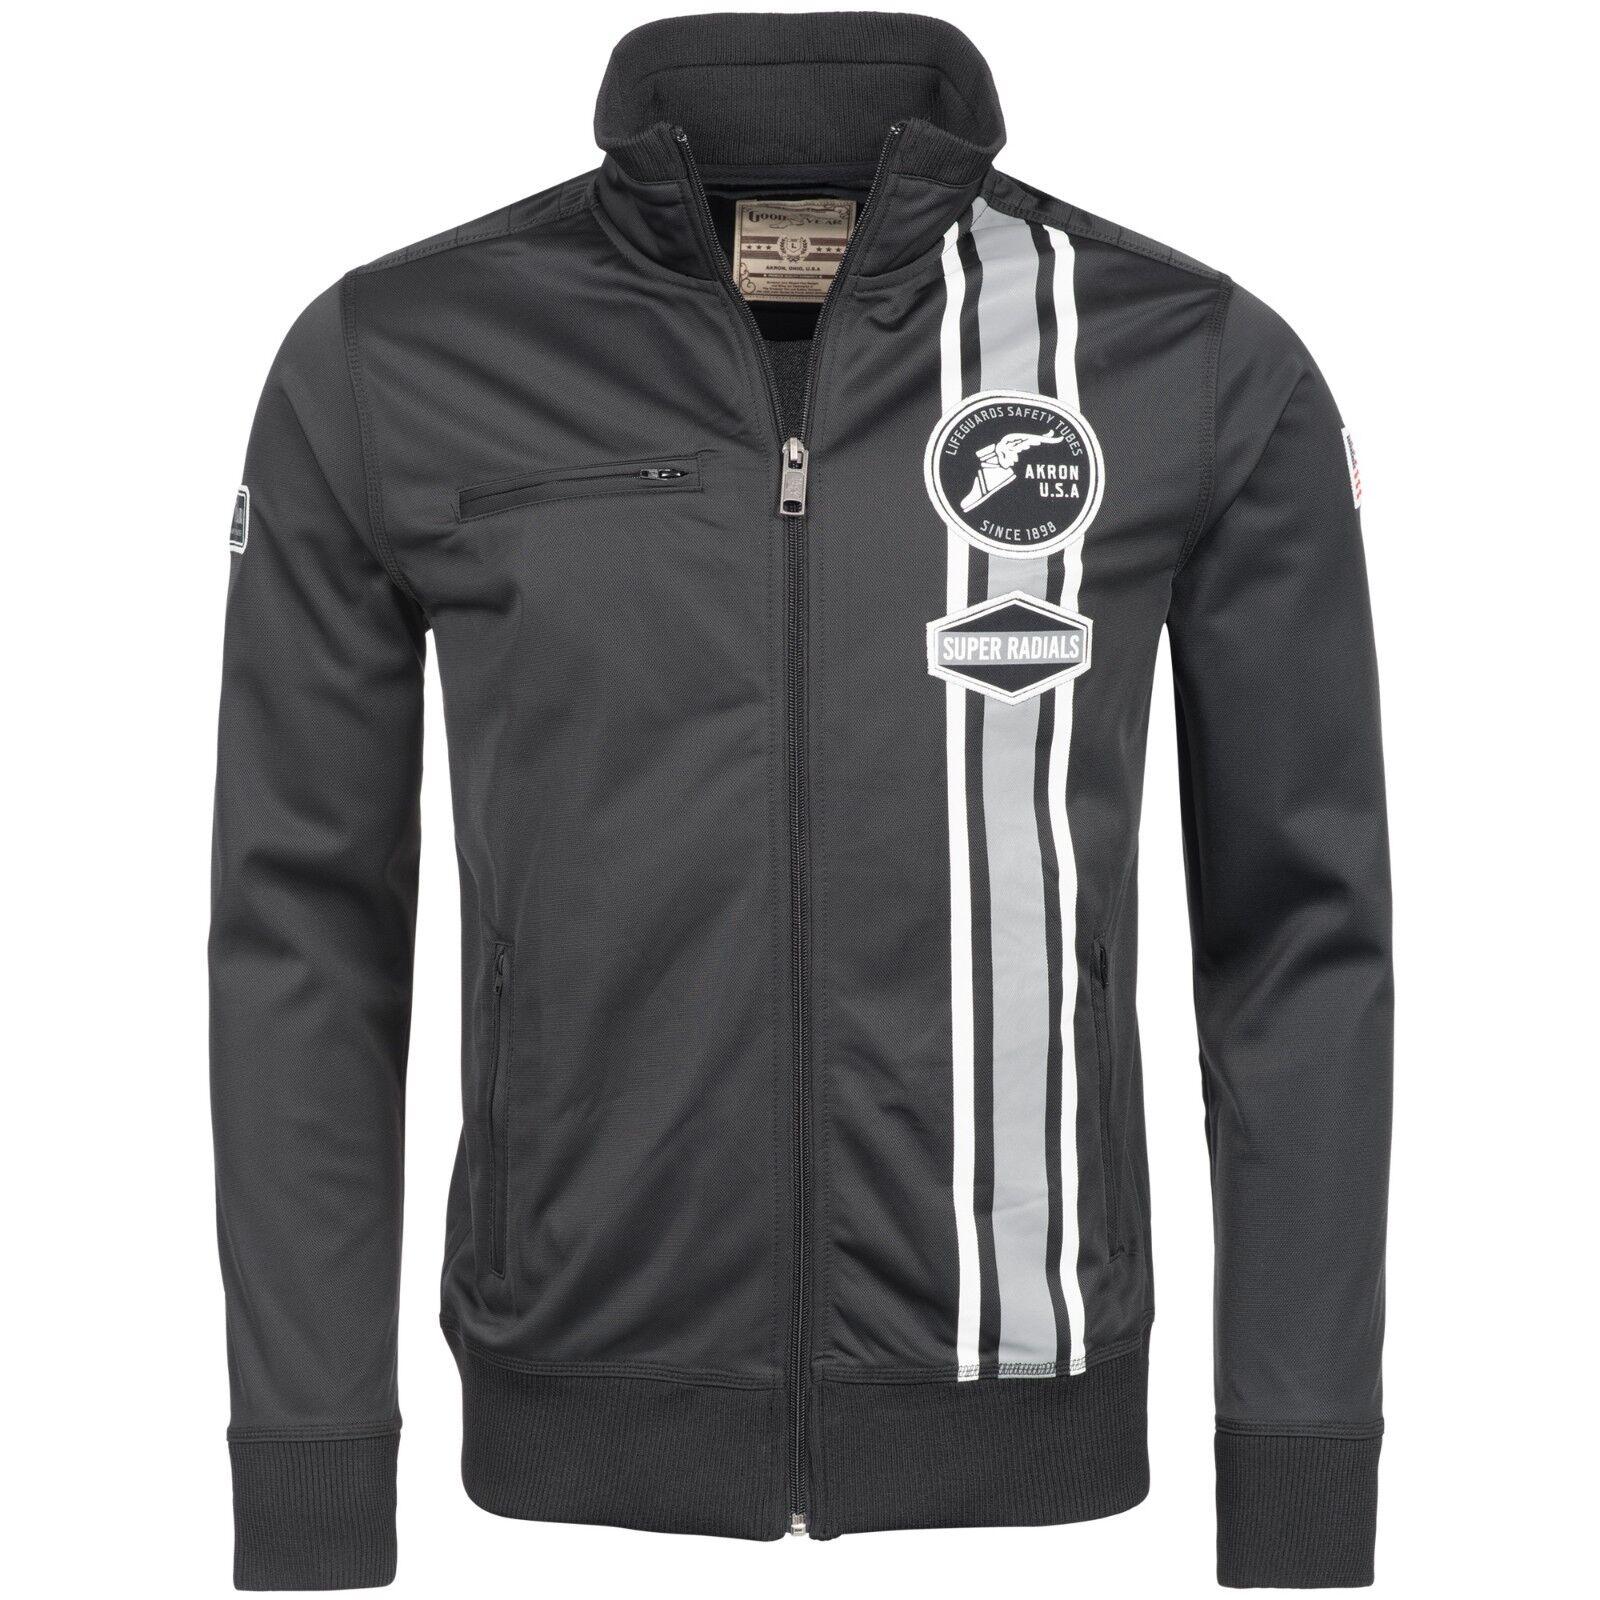 26ff0eed511c1 Goodyear Matteson Trikotfleece schwarz Racing Jacket Jacke Jacket Men  nuxqkw3996-Fitnessmode